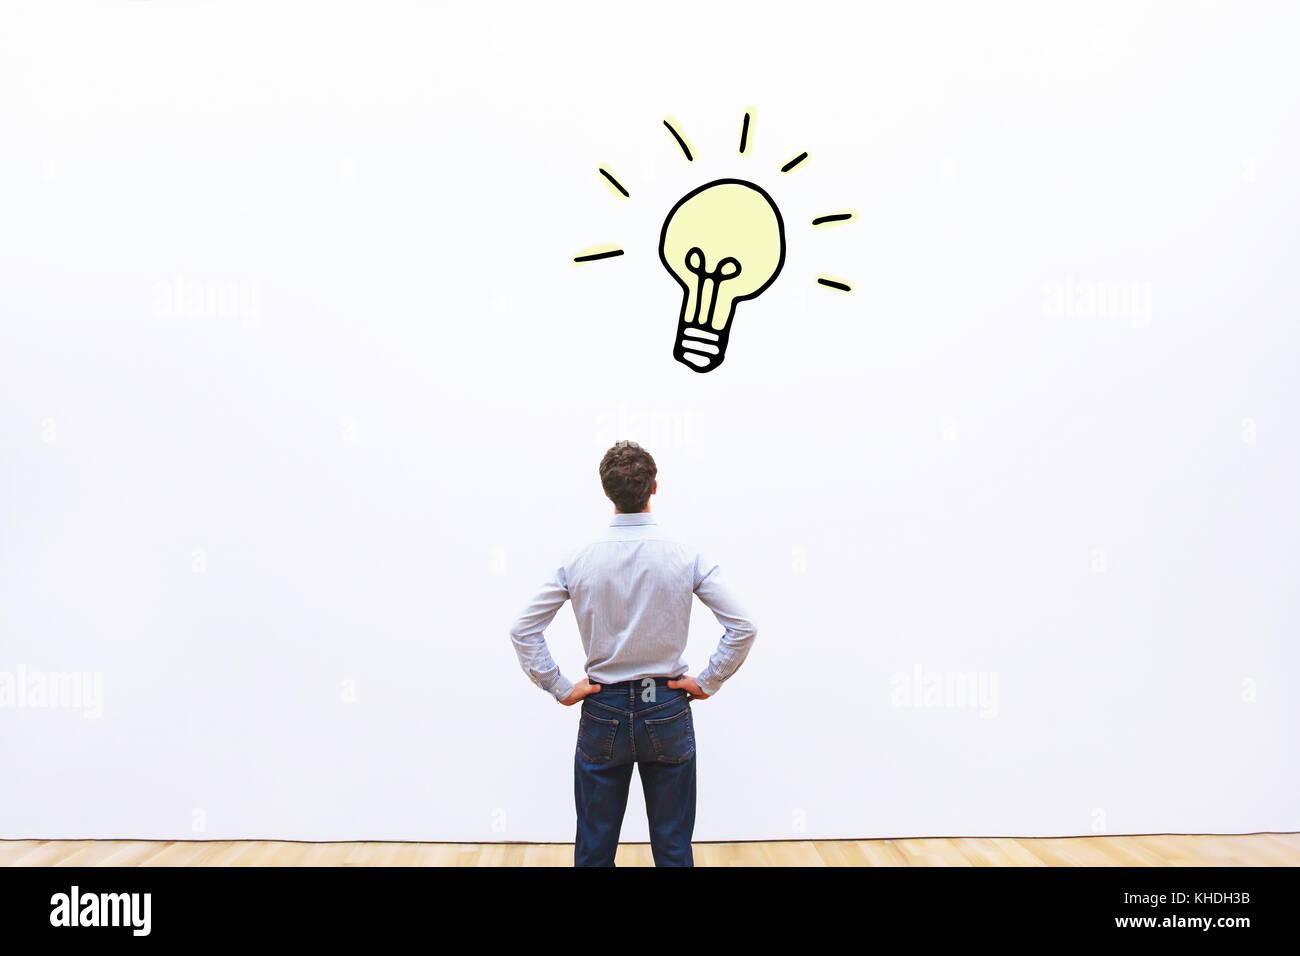 Concepto de la nueva idea de negocio o innovación, creatividad Imagen De Stock